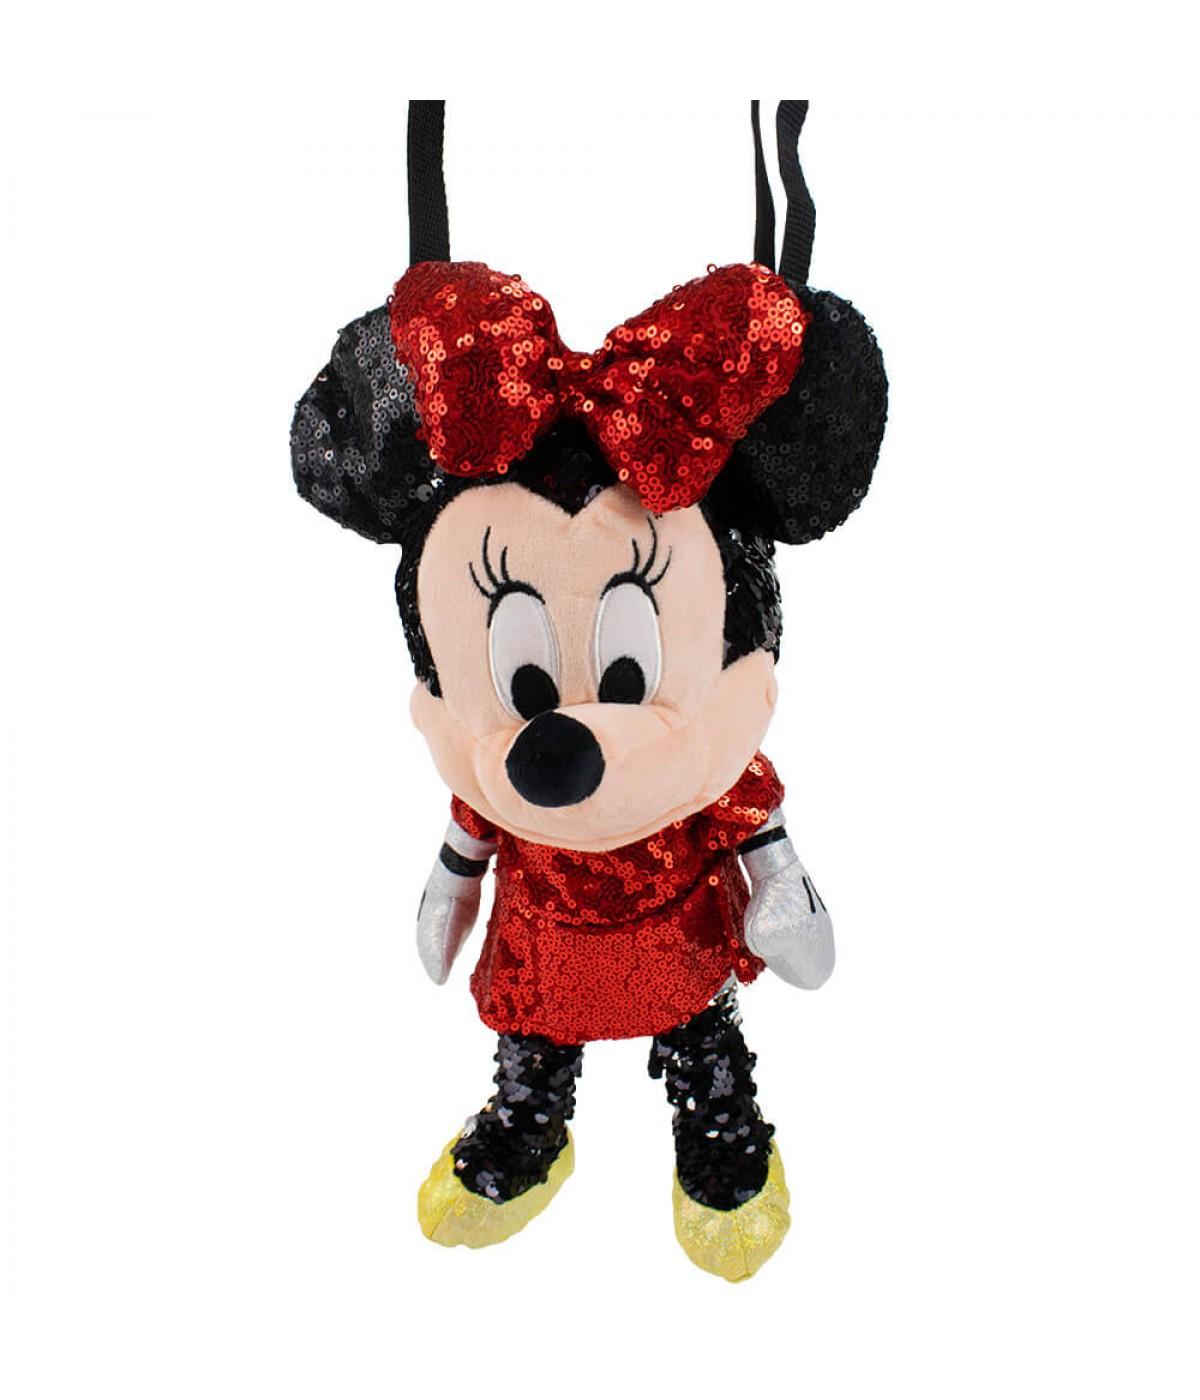 Bolsa Formato Pelúcia Minnie Lantejoulas 30cm - Disney